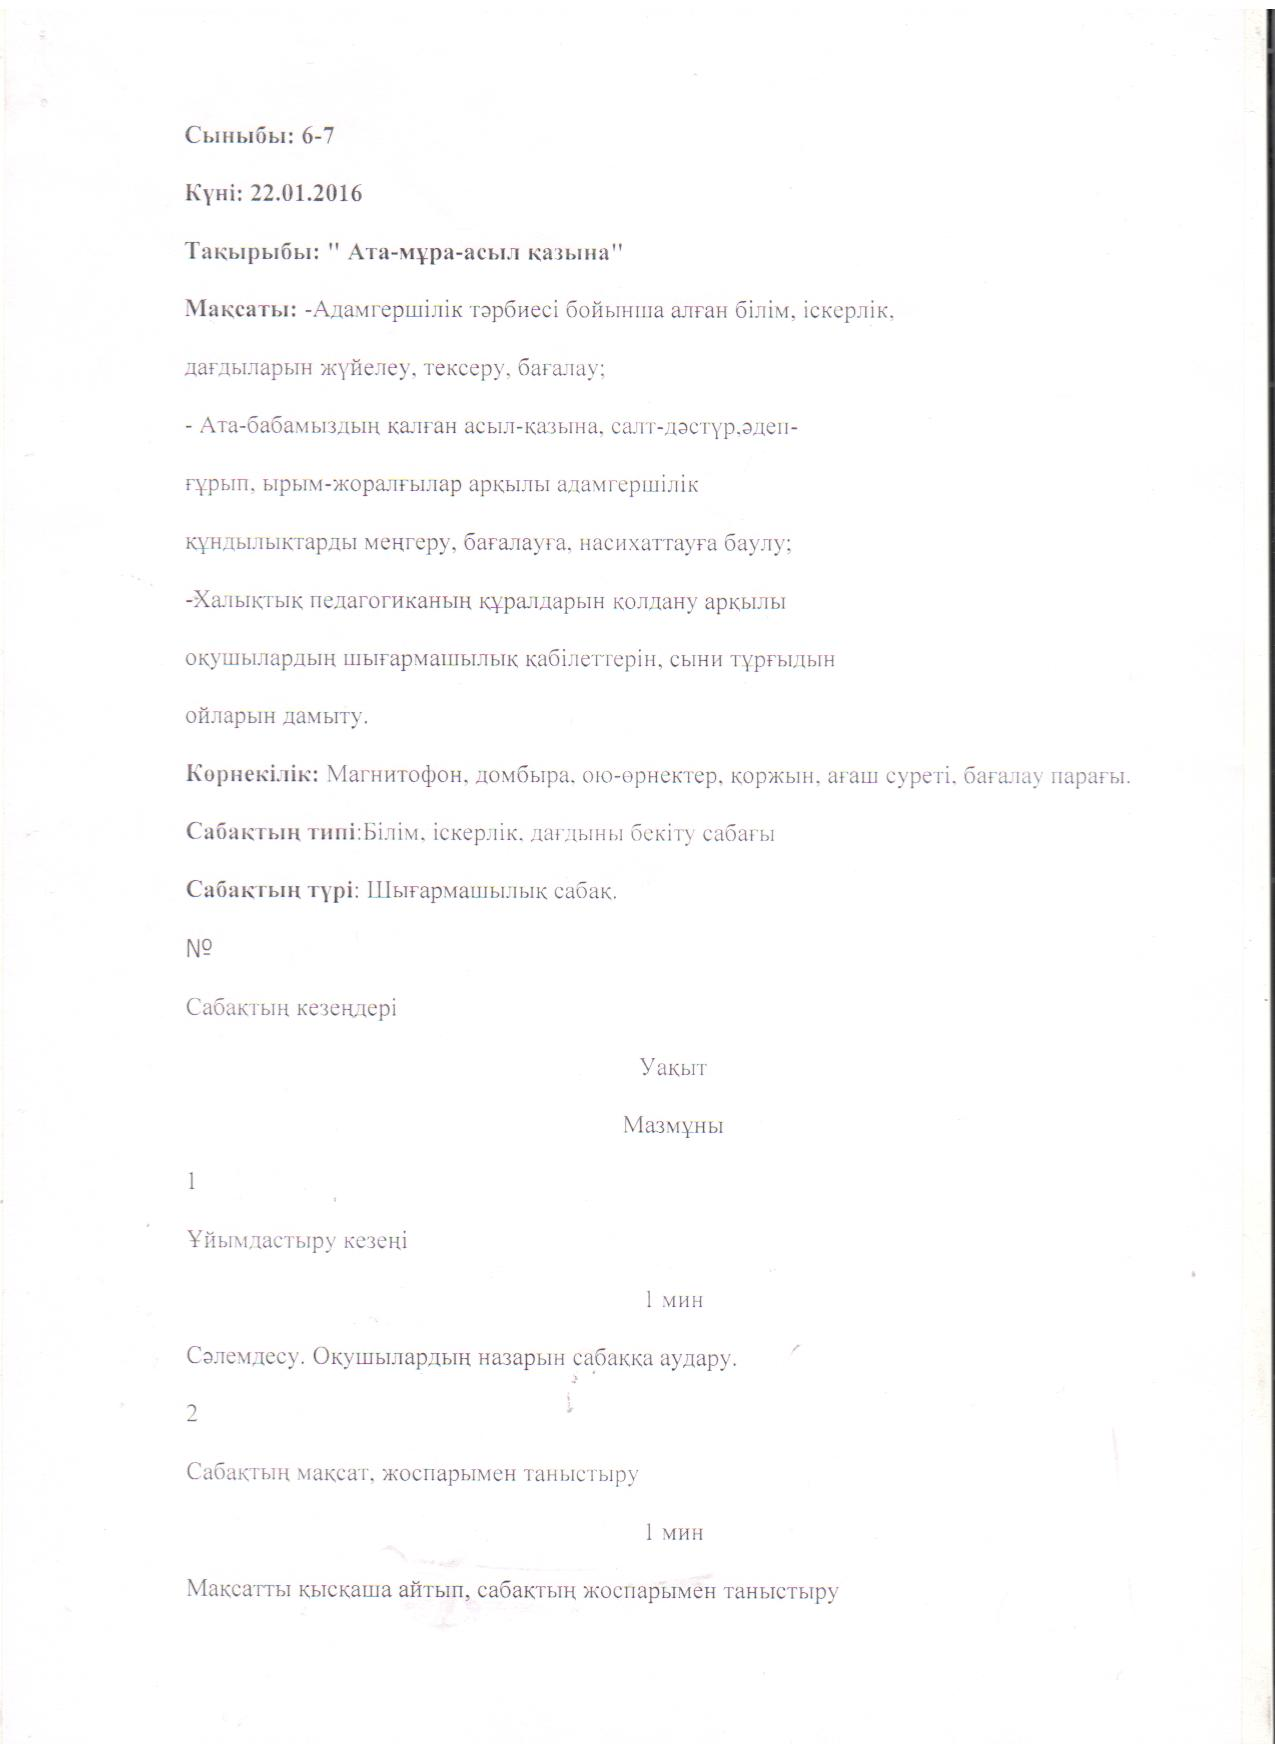 C:\Documents and Settings\User\Мои документы\Мои рисунки\2016-02-23, Изображение\Изображение 005.jpg